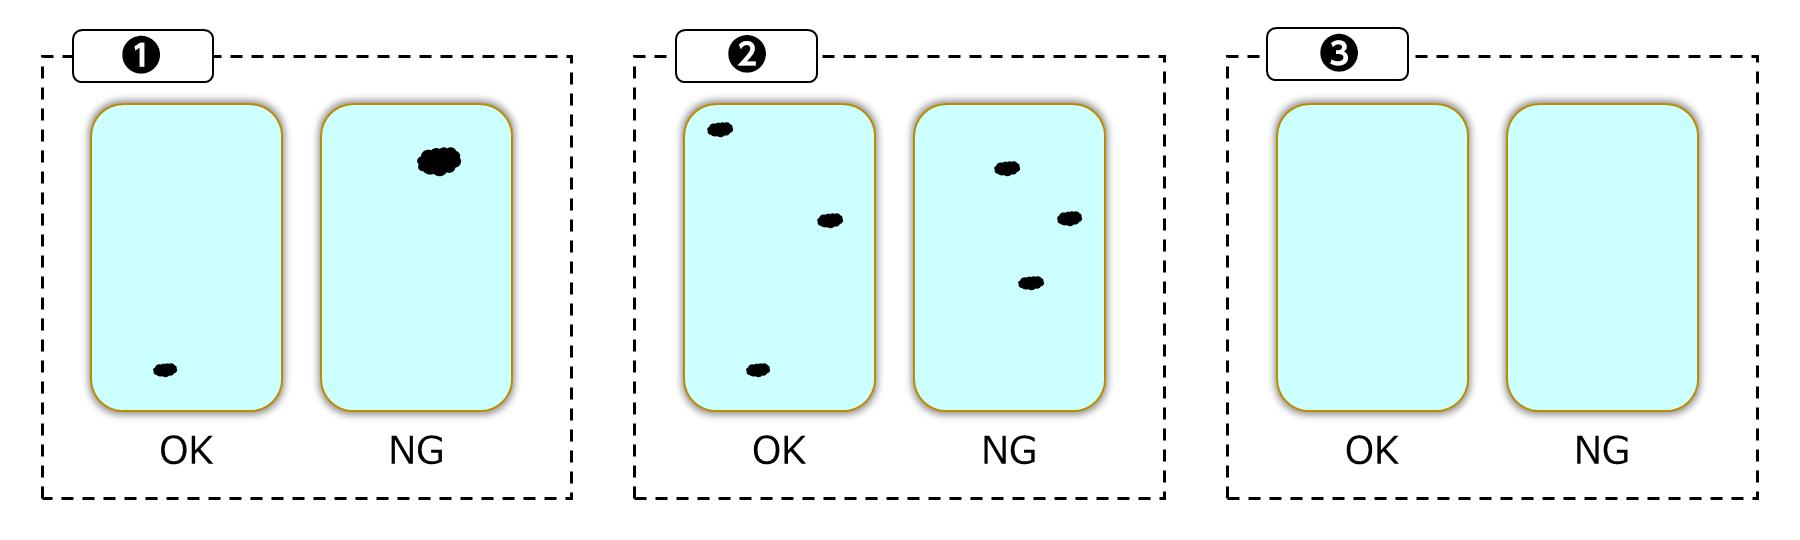 図 1 判断の難しいケースのパターン